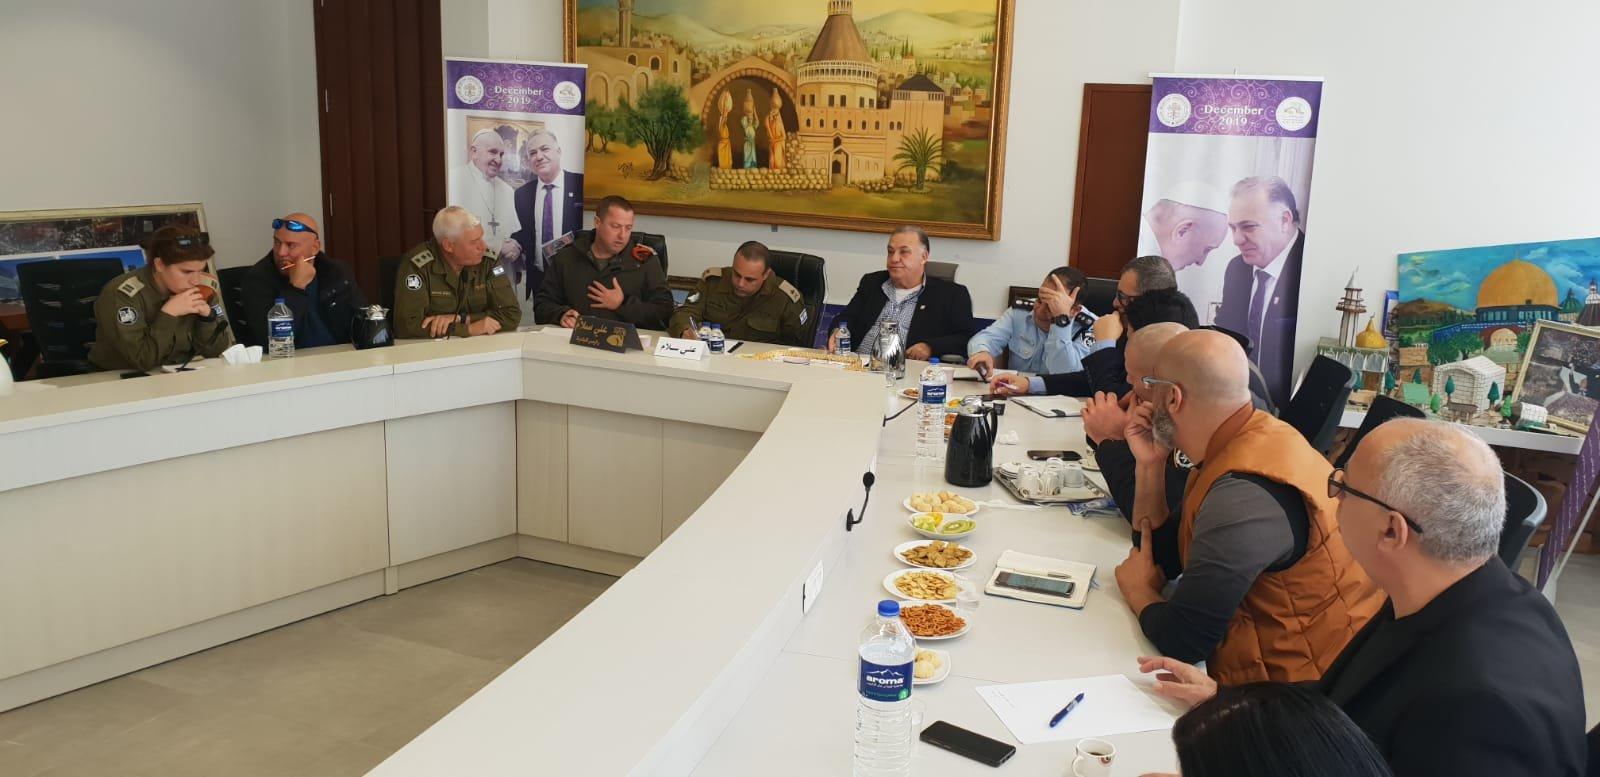 لجنه الطوارئ في بلدية الناصرة تعقد جلسه عمل مع الجبهة الداخلية-1